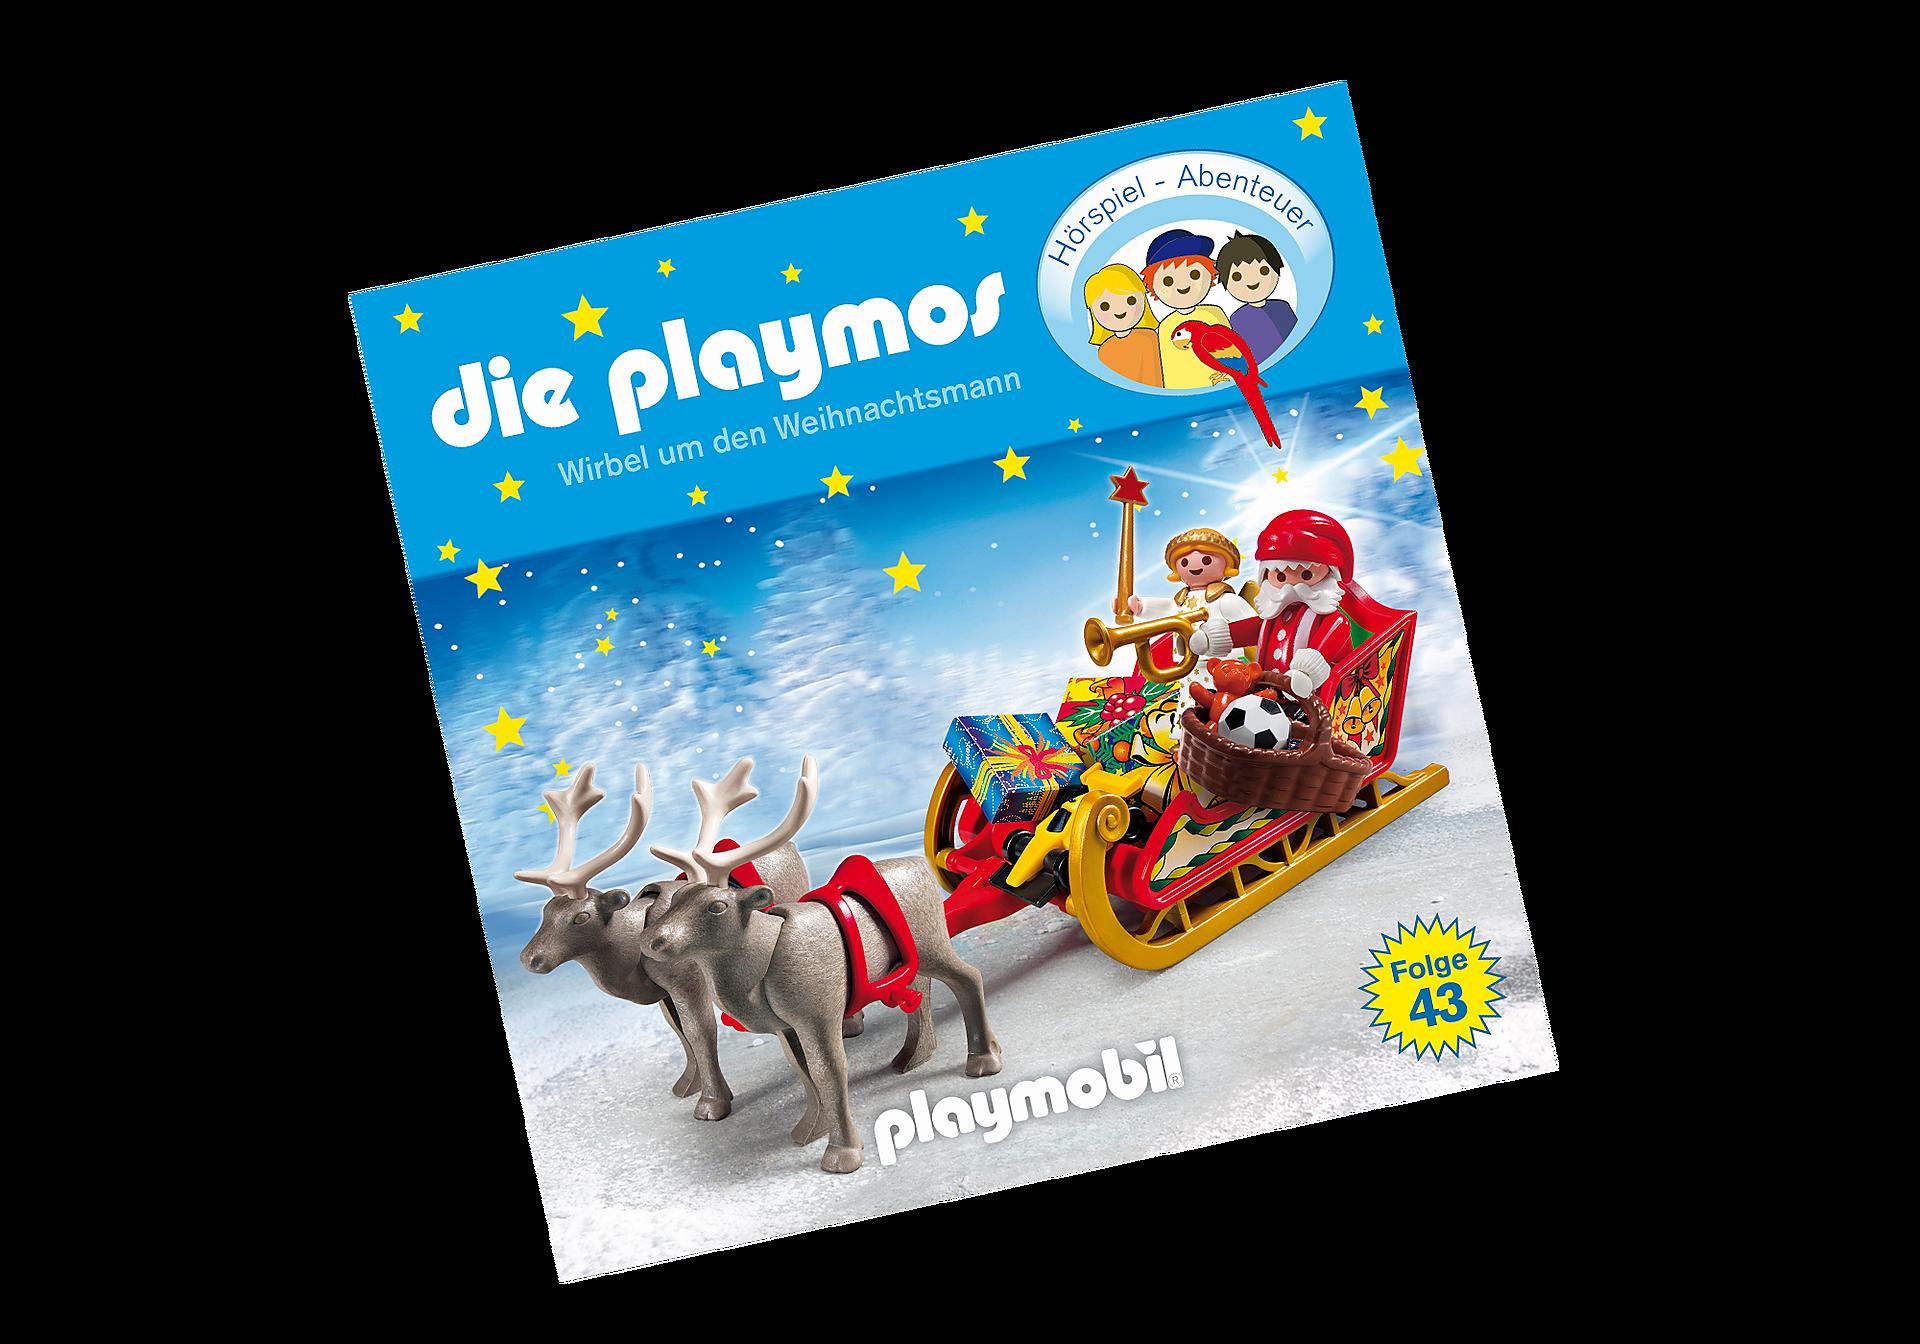 80456 Wirbel um den Weihnachtsmann (43) - CD zoom image1